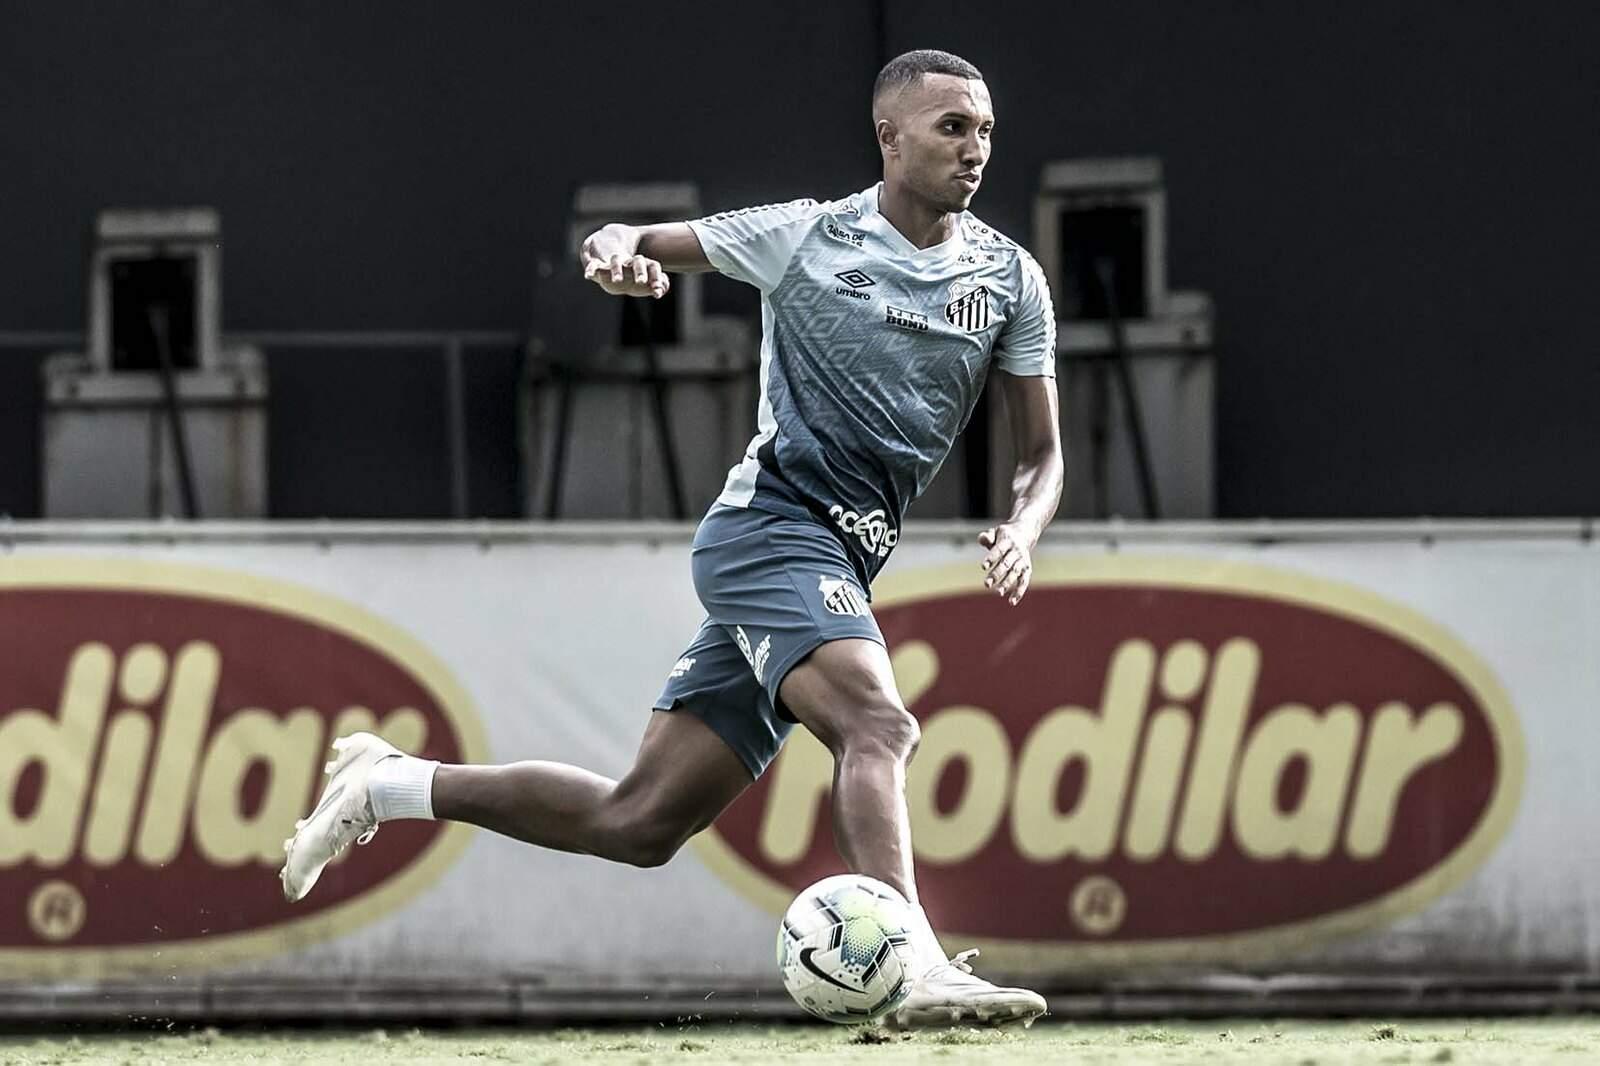 Dono da 11ª colocação com 47 pontos, o Santos briga pela classificação à pré-Libertadores